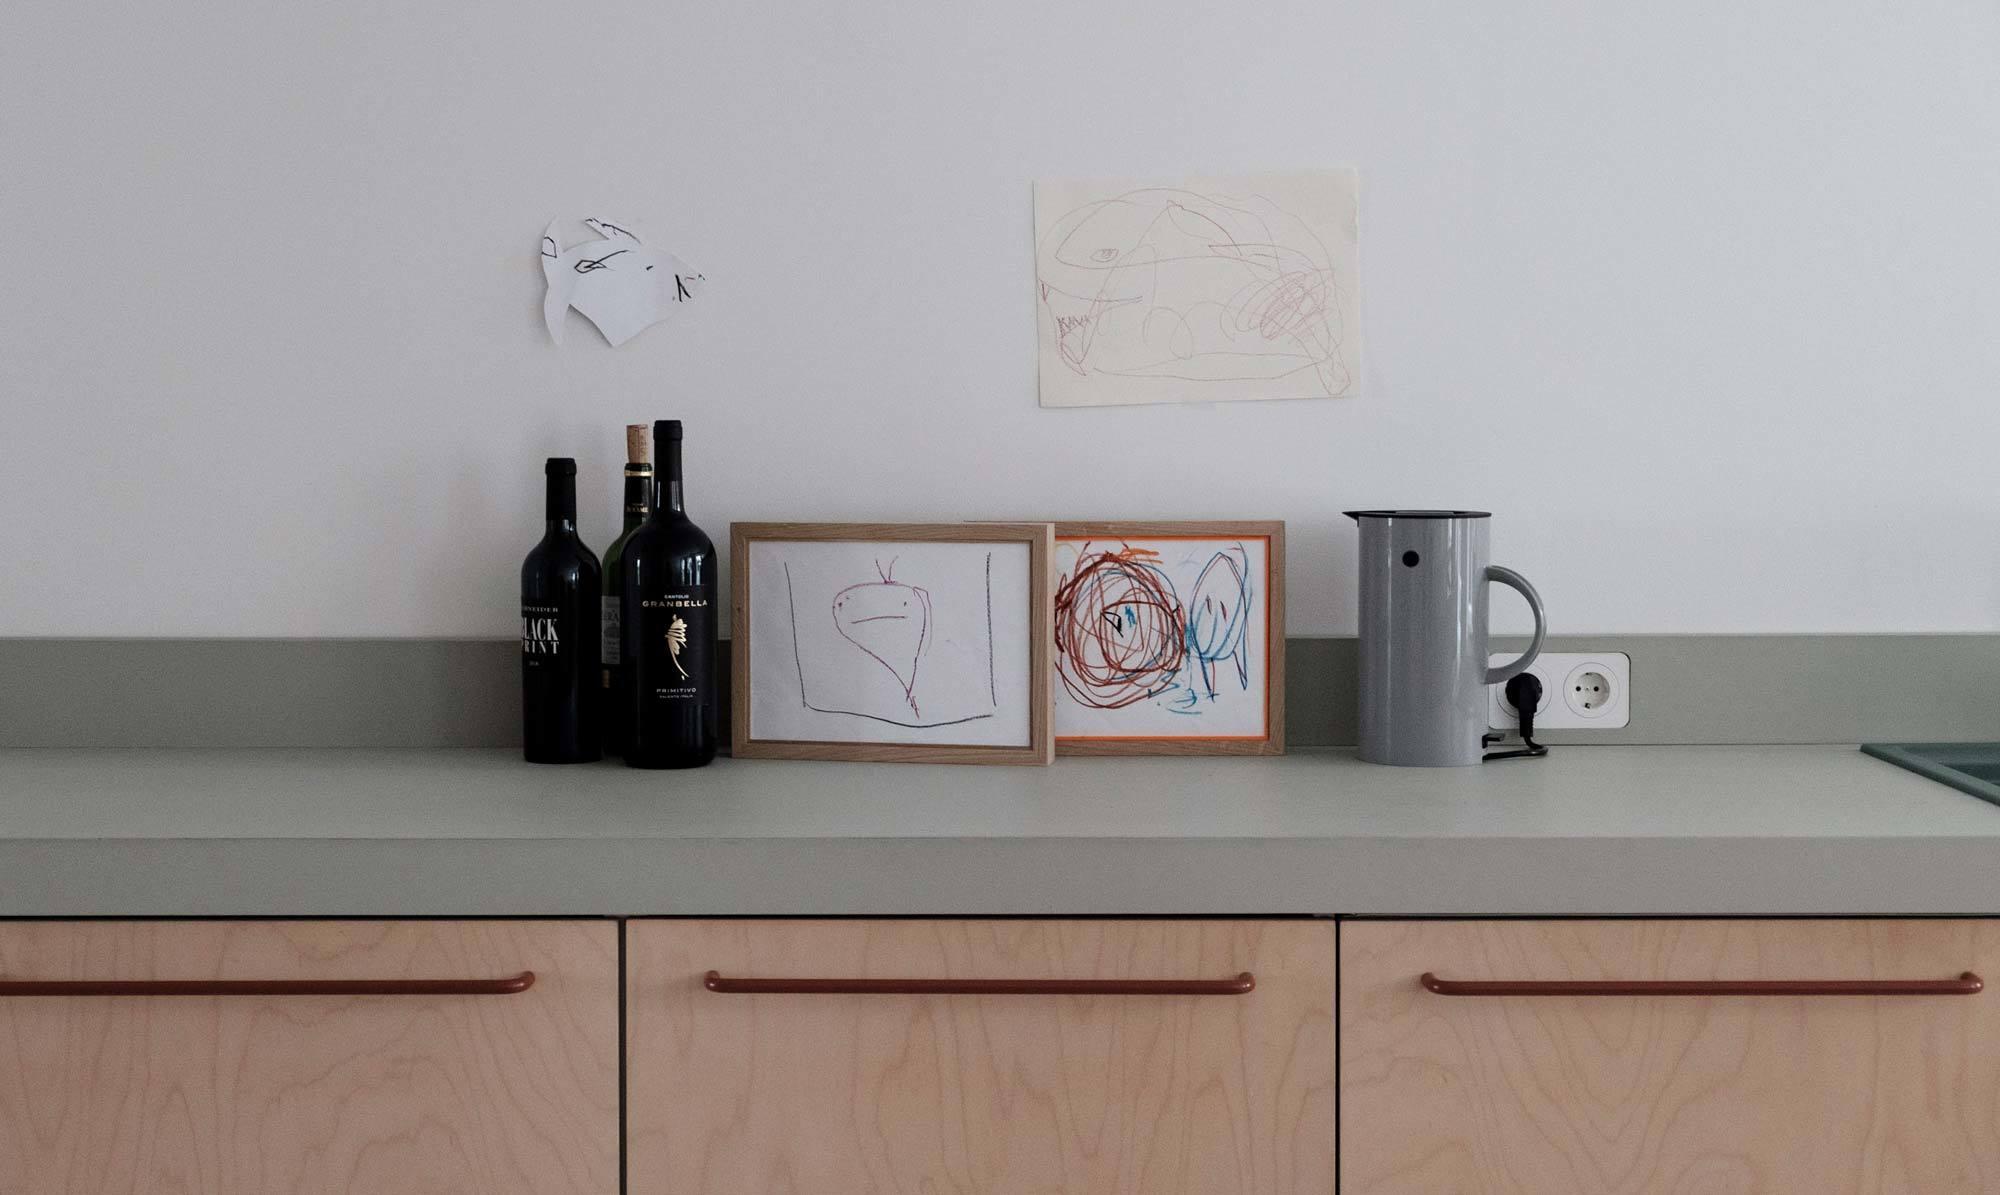 Desktop-Linoleum von Forbo in der Farbe Pebble. Foto: Matthias Hiller / Studio Oink